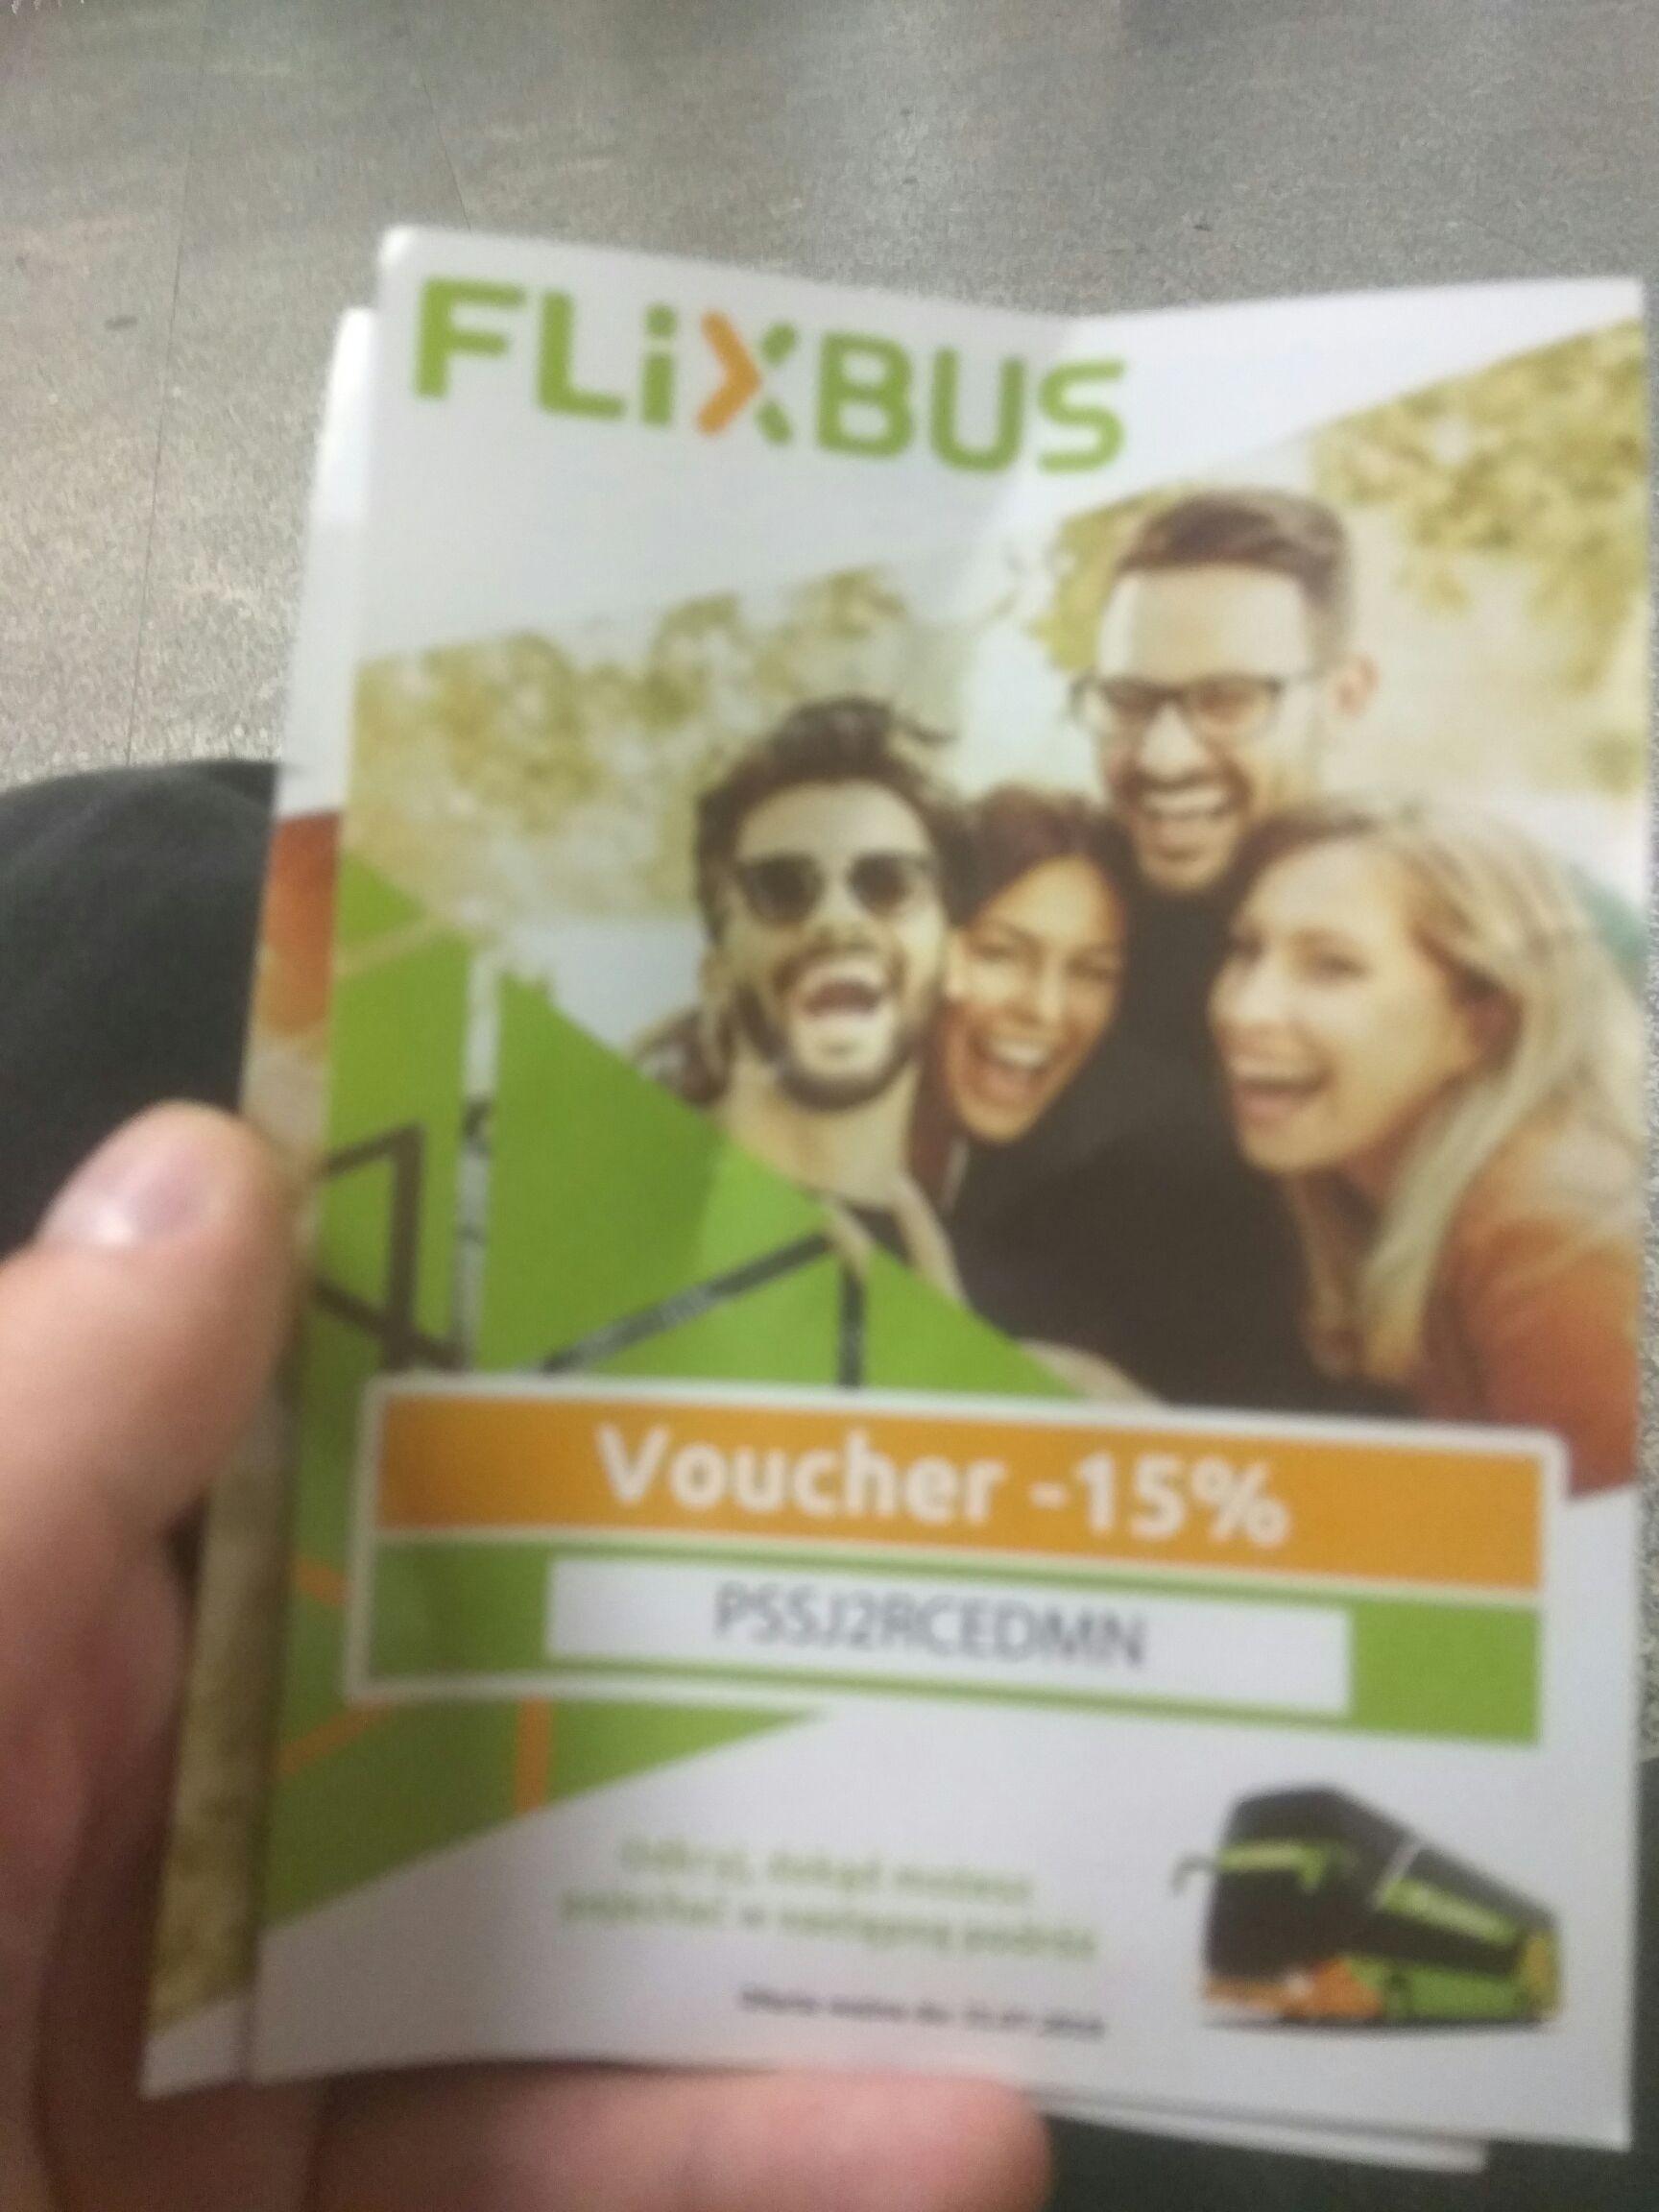 Voucher - 15% na flixbus metro centrum Warszawa